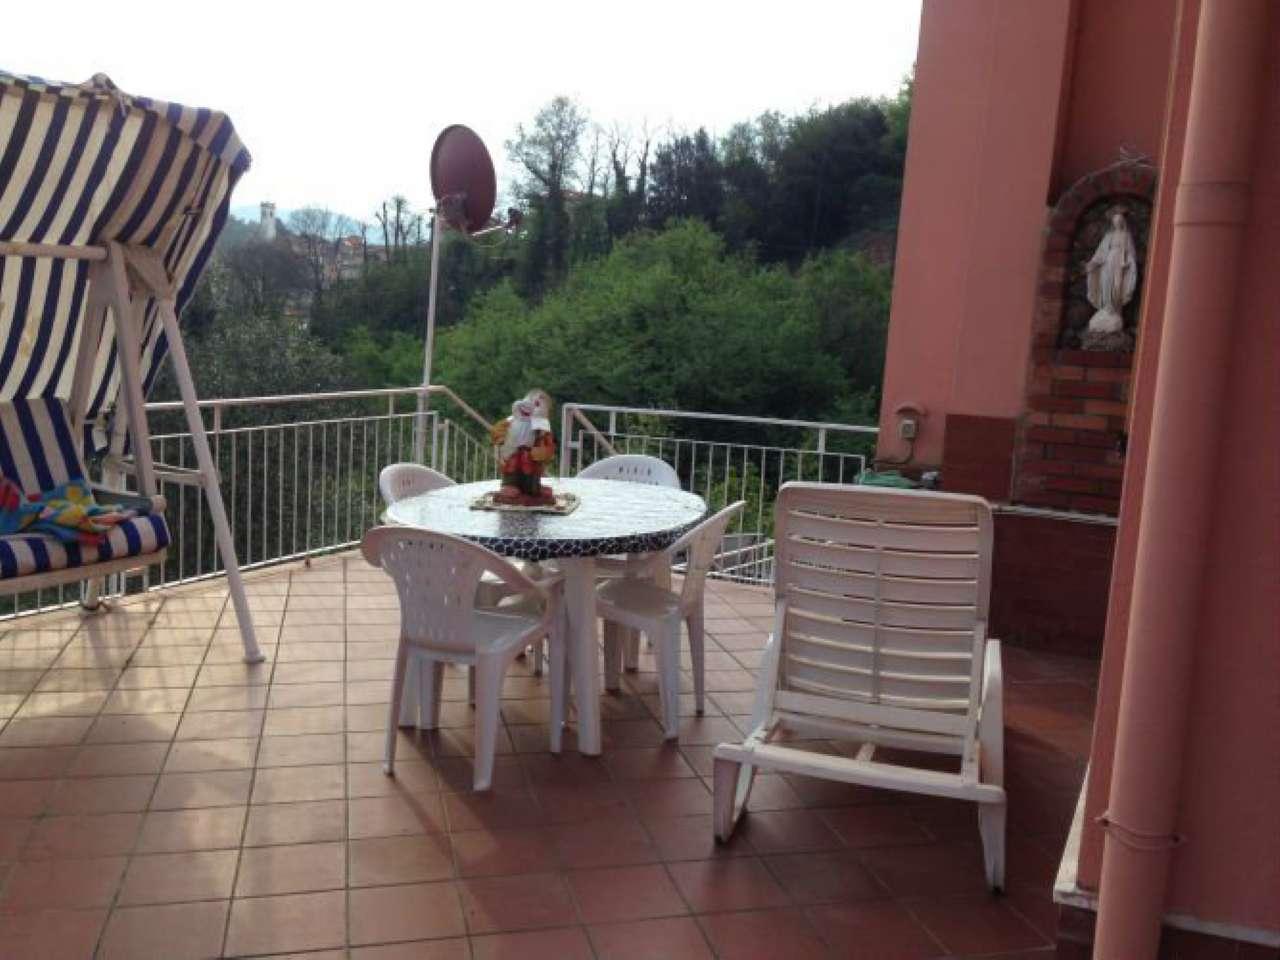 Villa Unifamiliare - Indipendente, Pitelli, Vendita - La Spezia